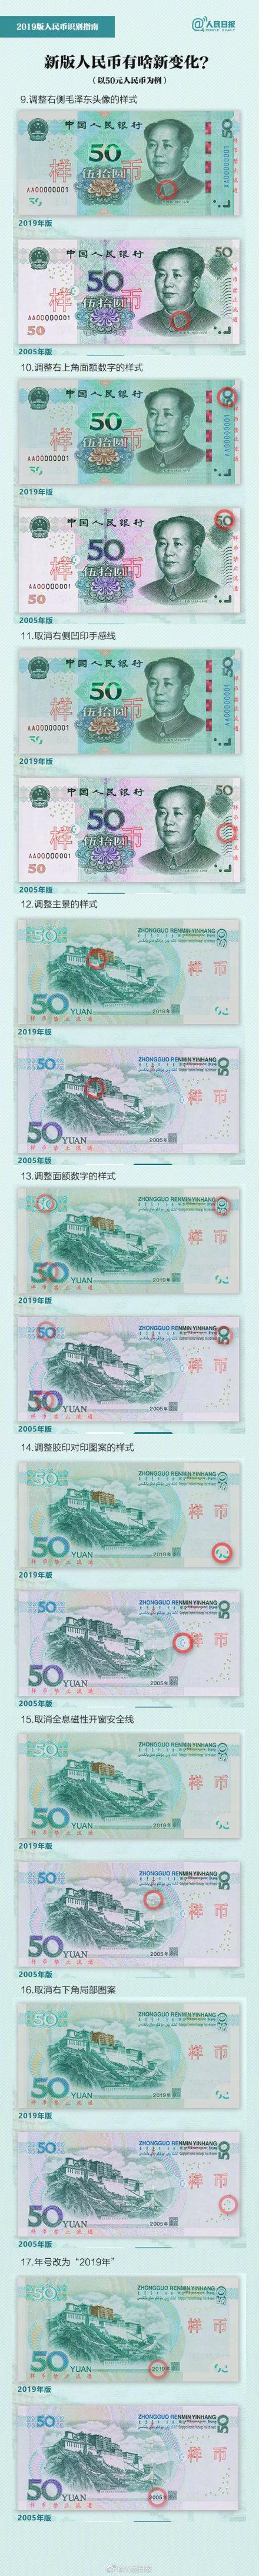 """新版人民币明天发行,自带""""美颜滤镜""""!的照片 - 5"""